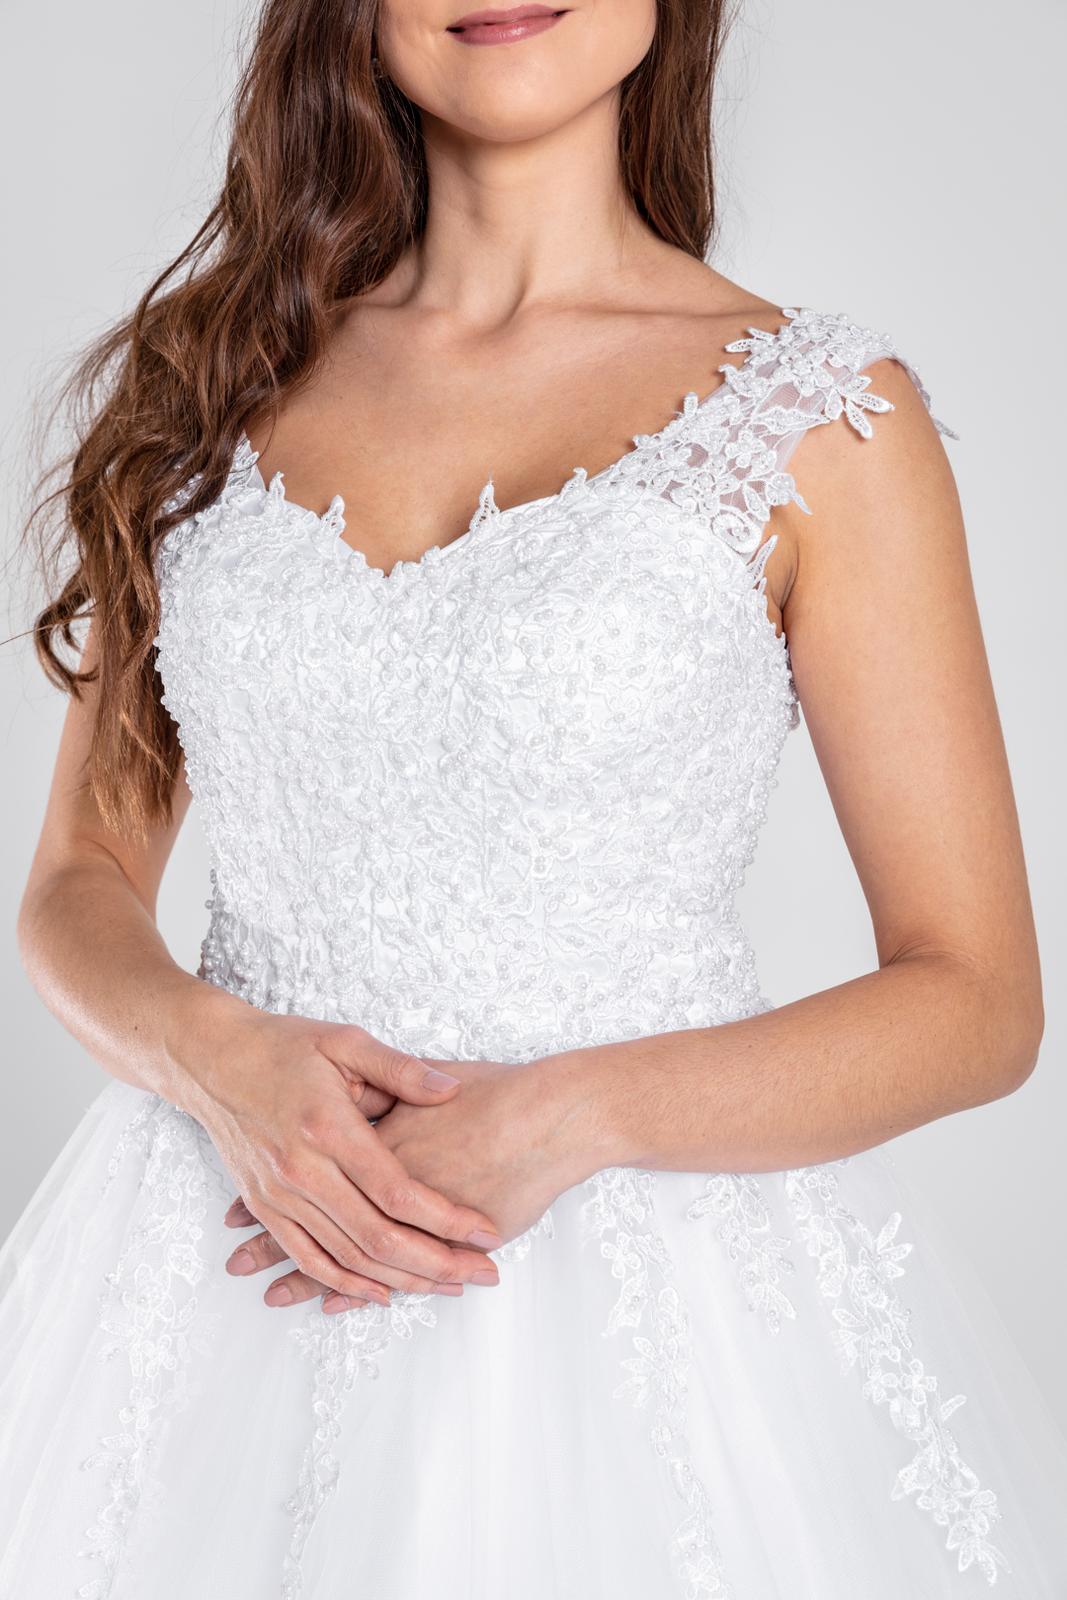 Něžné korzetové šaty s perličkami šněrovací 32-44 - Obrázek č. 1